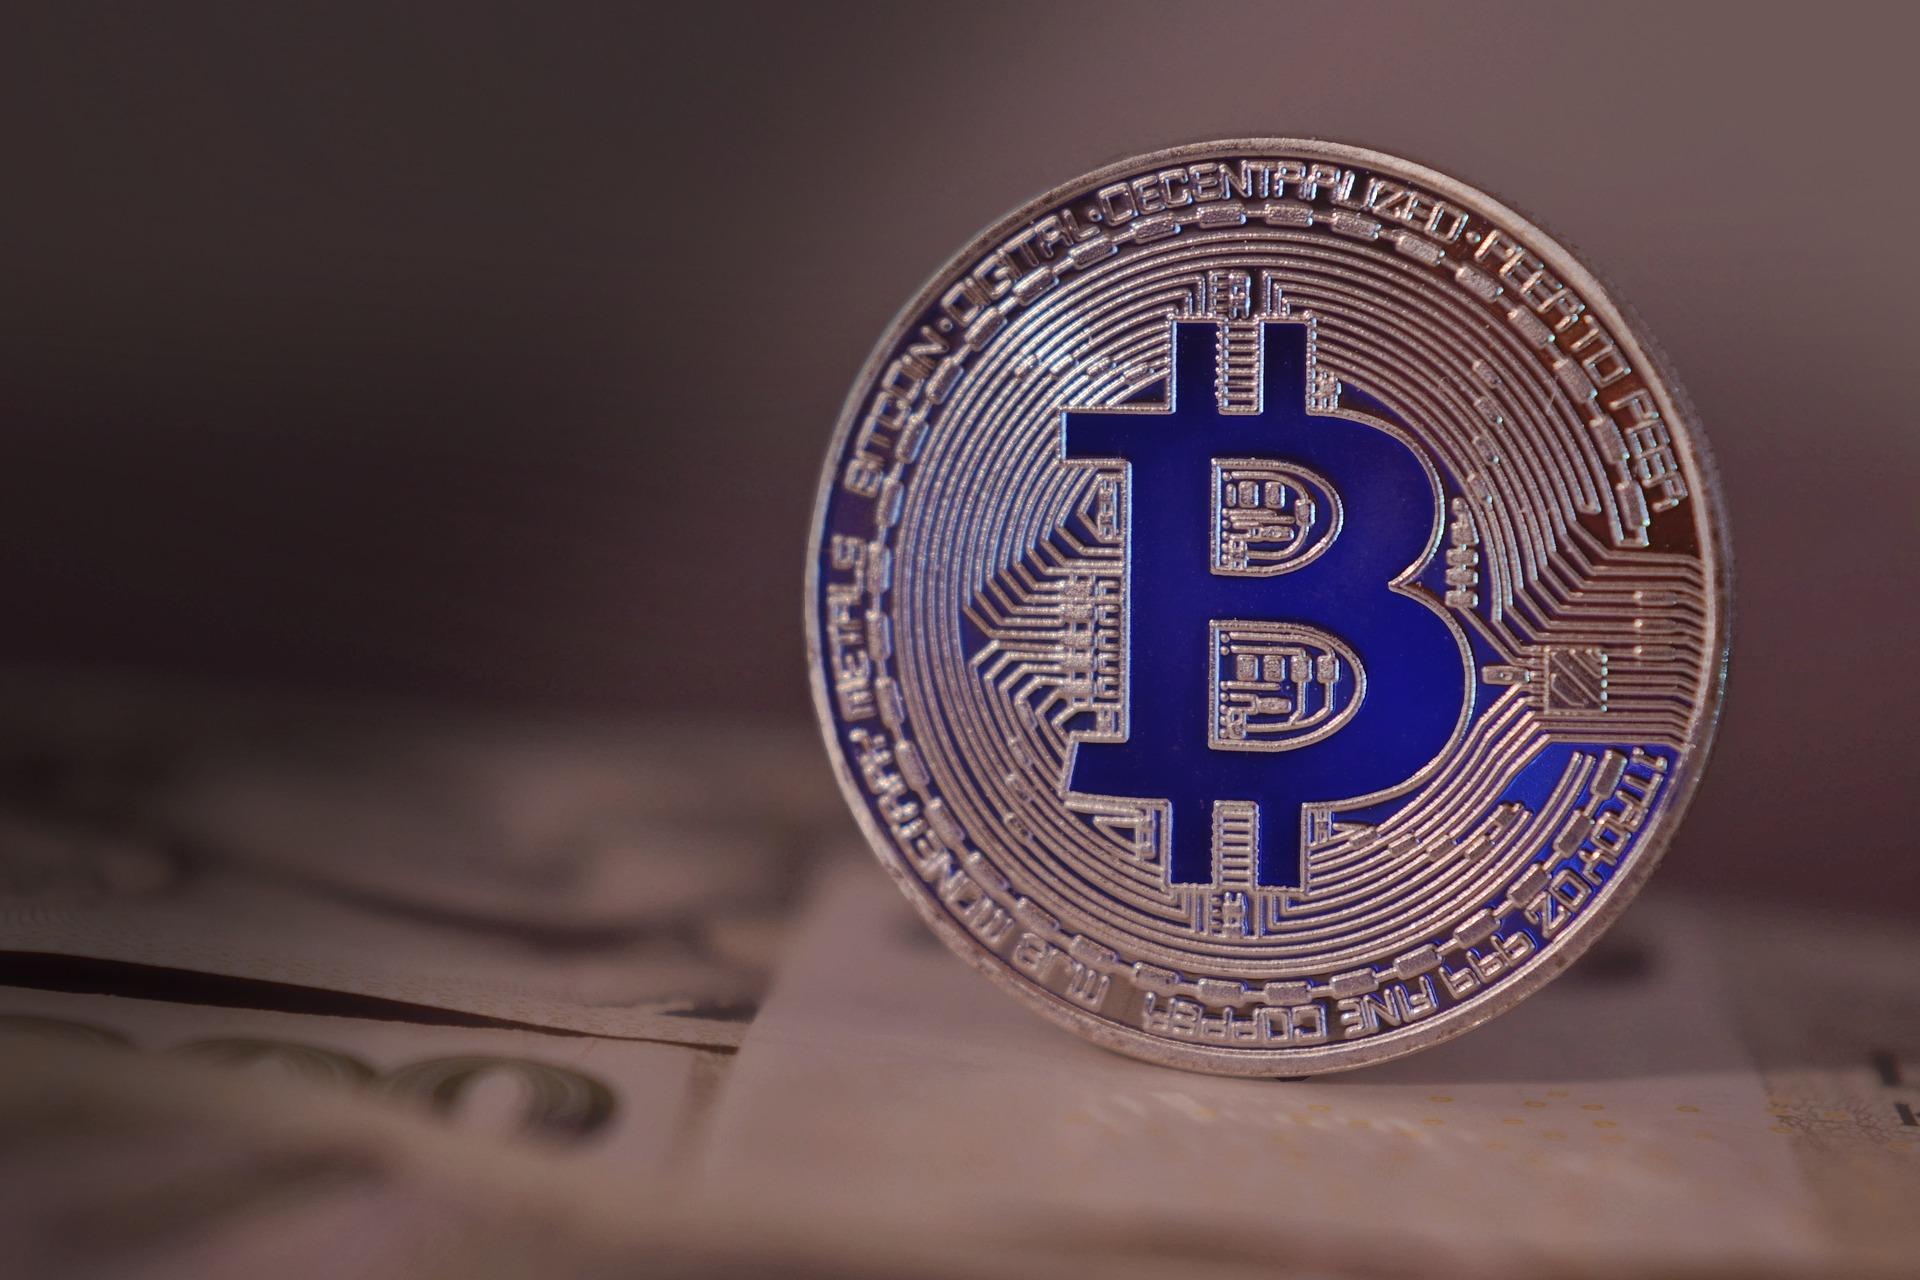 ビットコインの10年後はどうなる?価格を大予想 | ゼロはじ(ゼロからはじめるビットコイン)|日本最大級の仮想通貨サイト